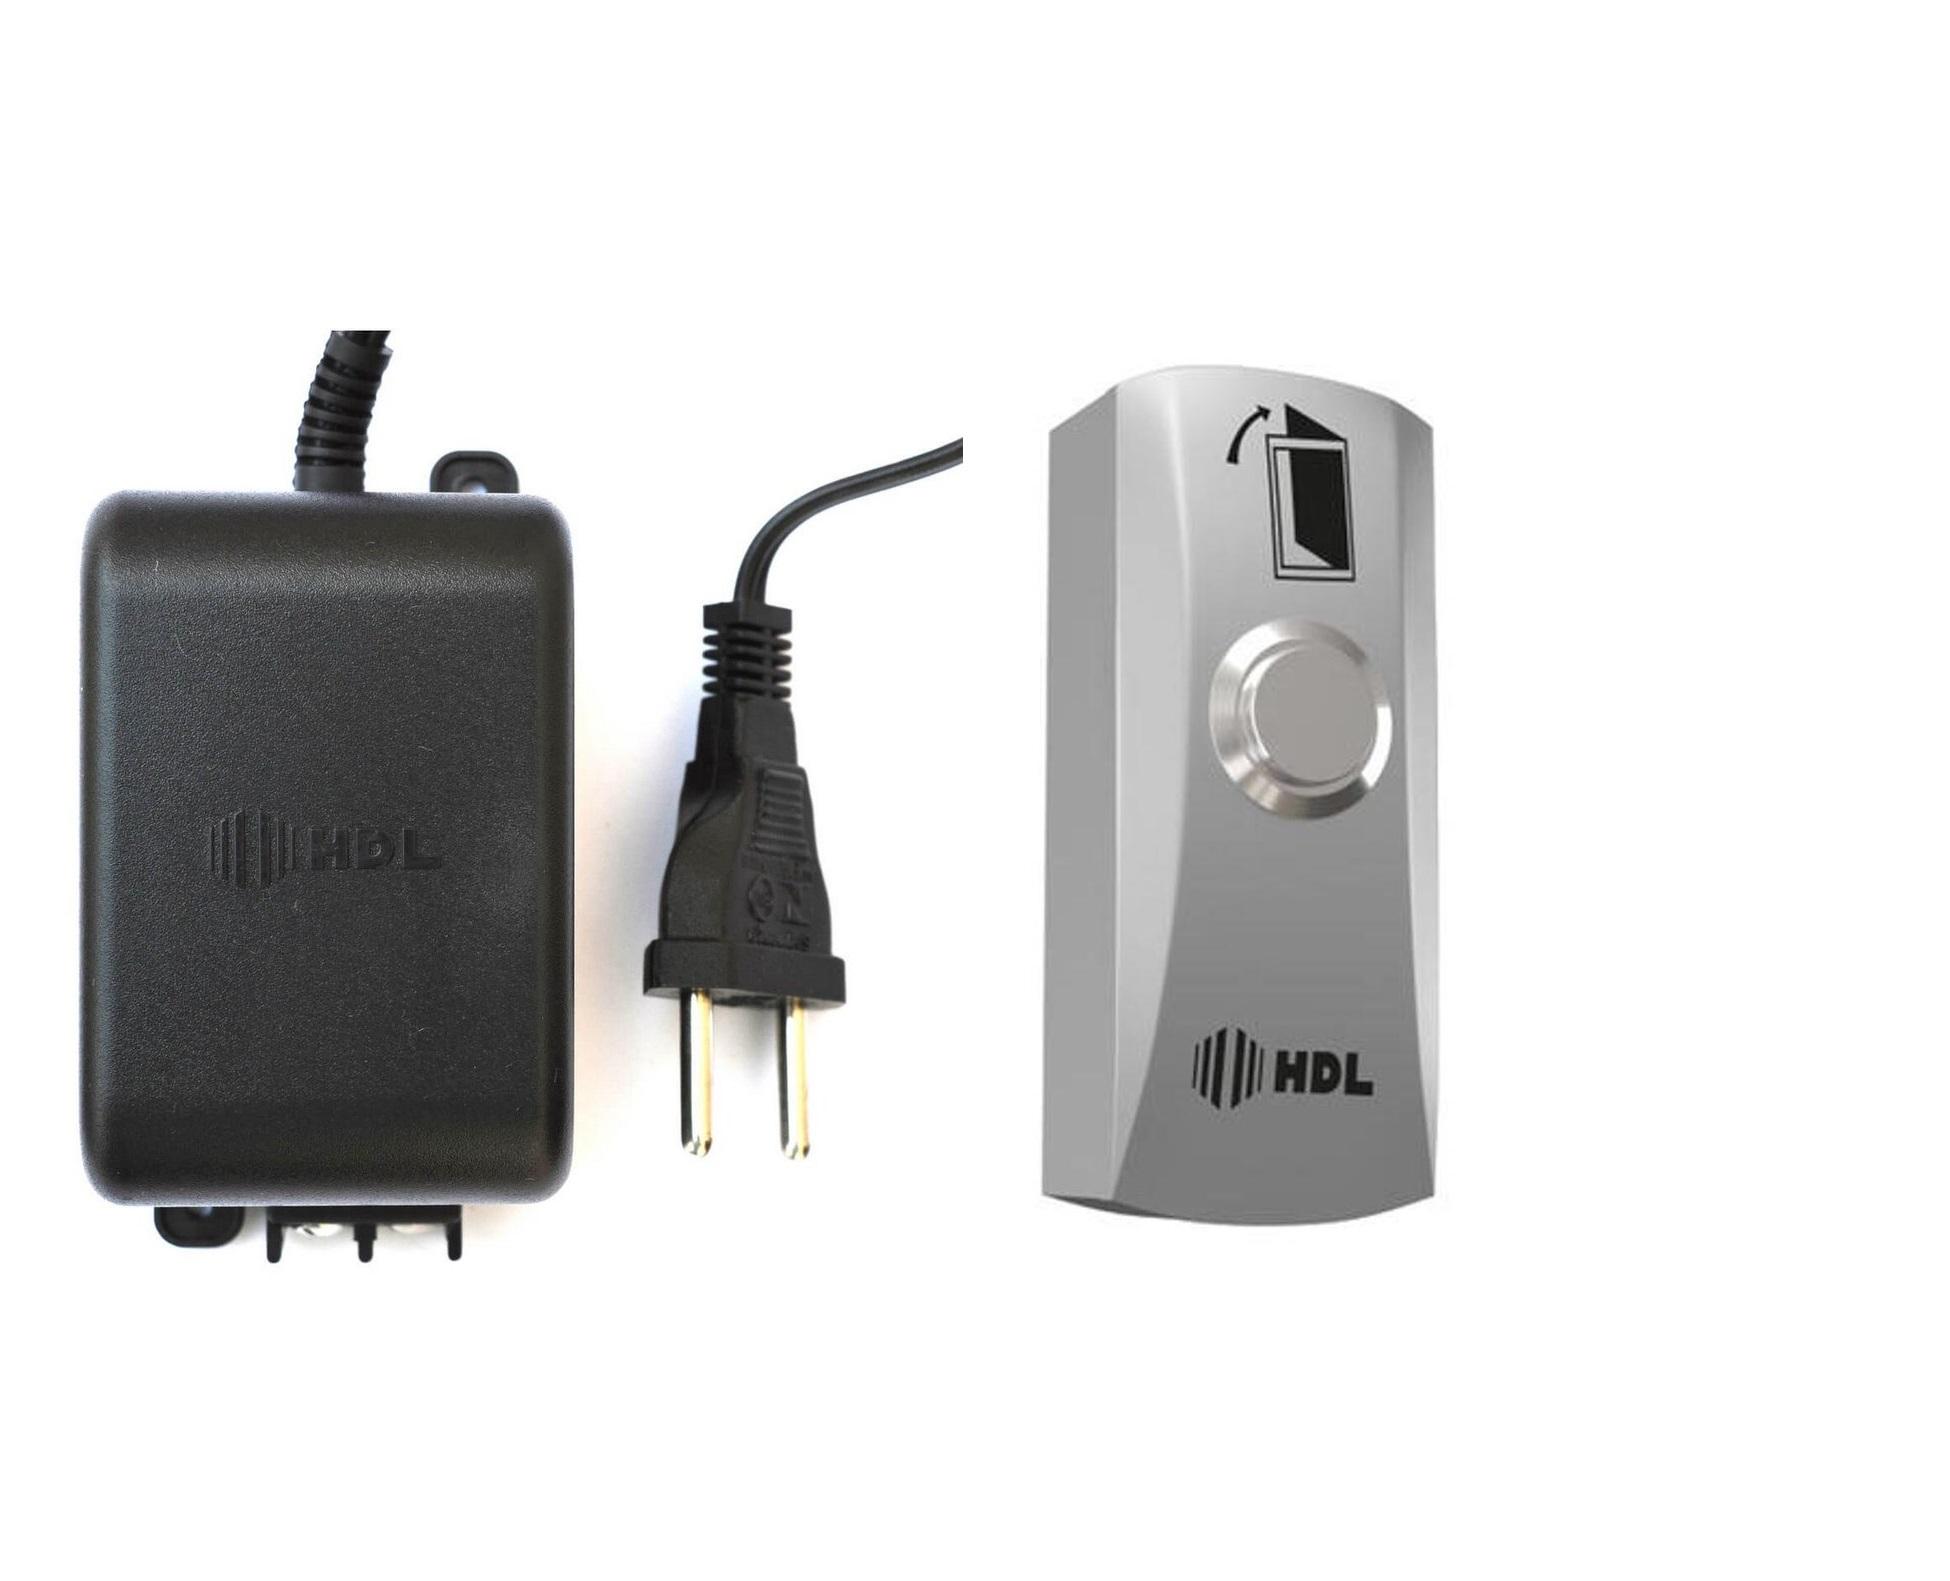 Botoeira HDL Ip66 Inox botão acionador de abertura da fechadura e fonte